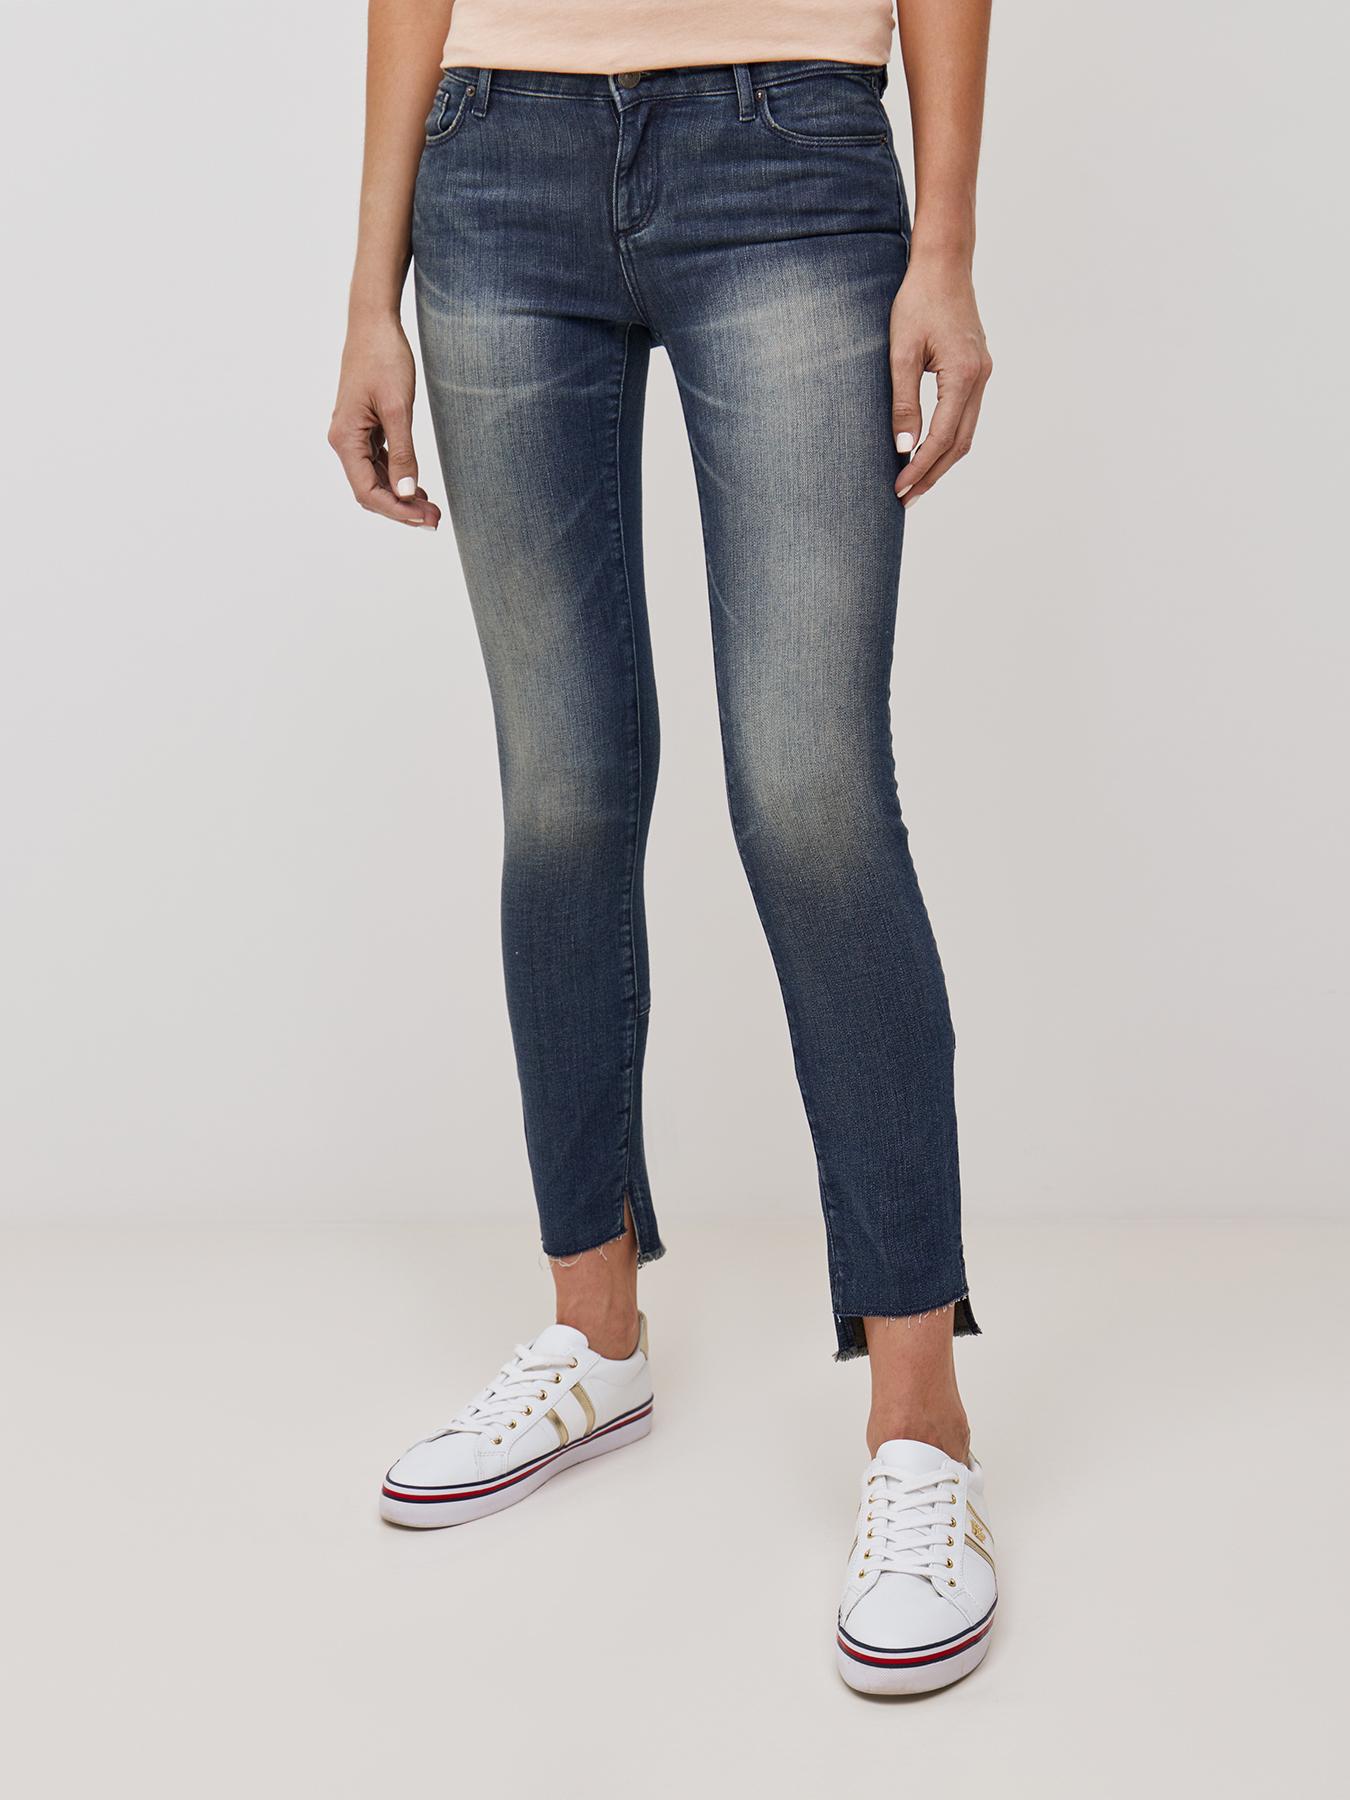 Джинсы Armani Exchange Джинсы J25 брюки armani exchange джинсы с потертостями j27